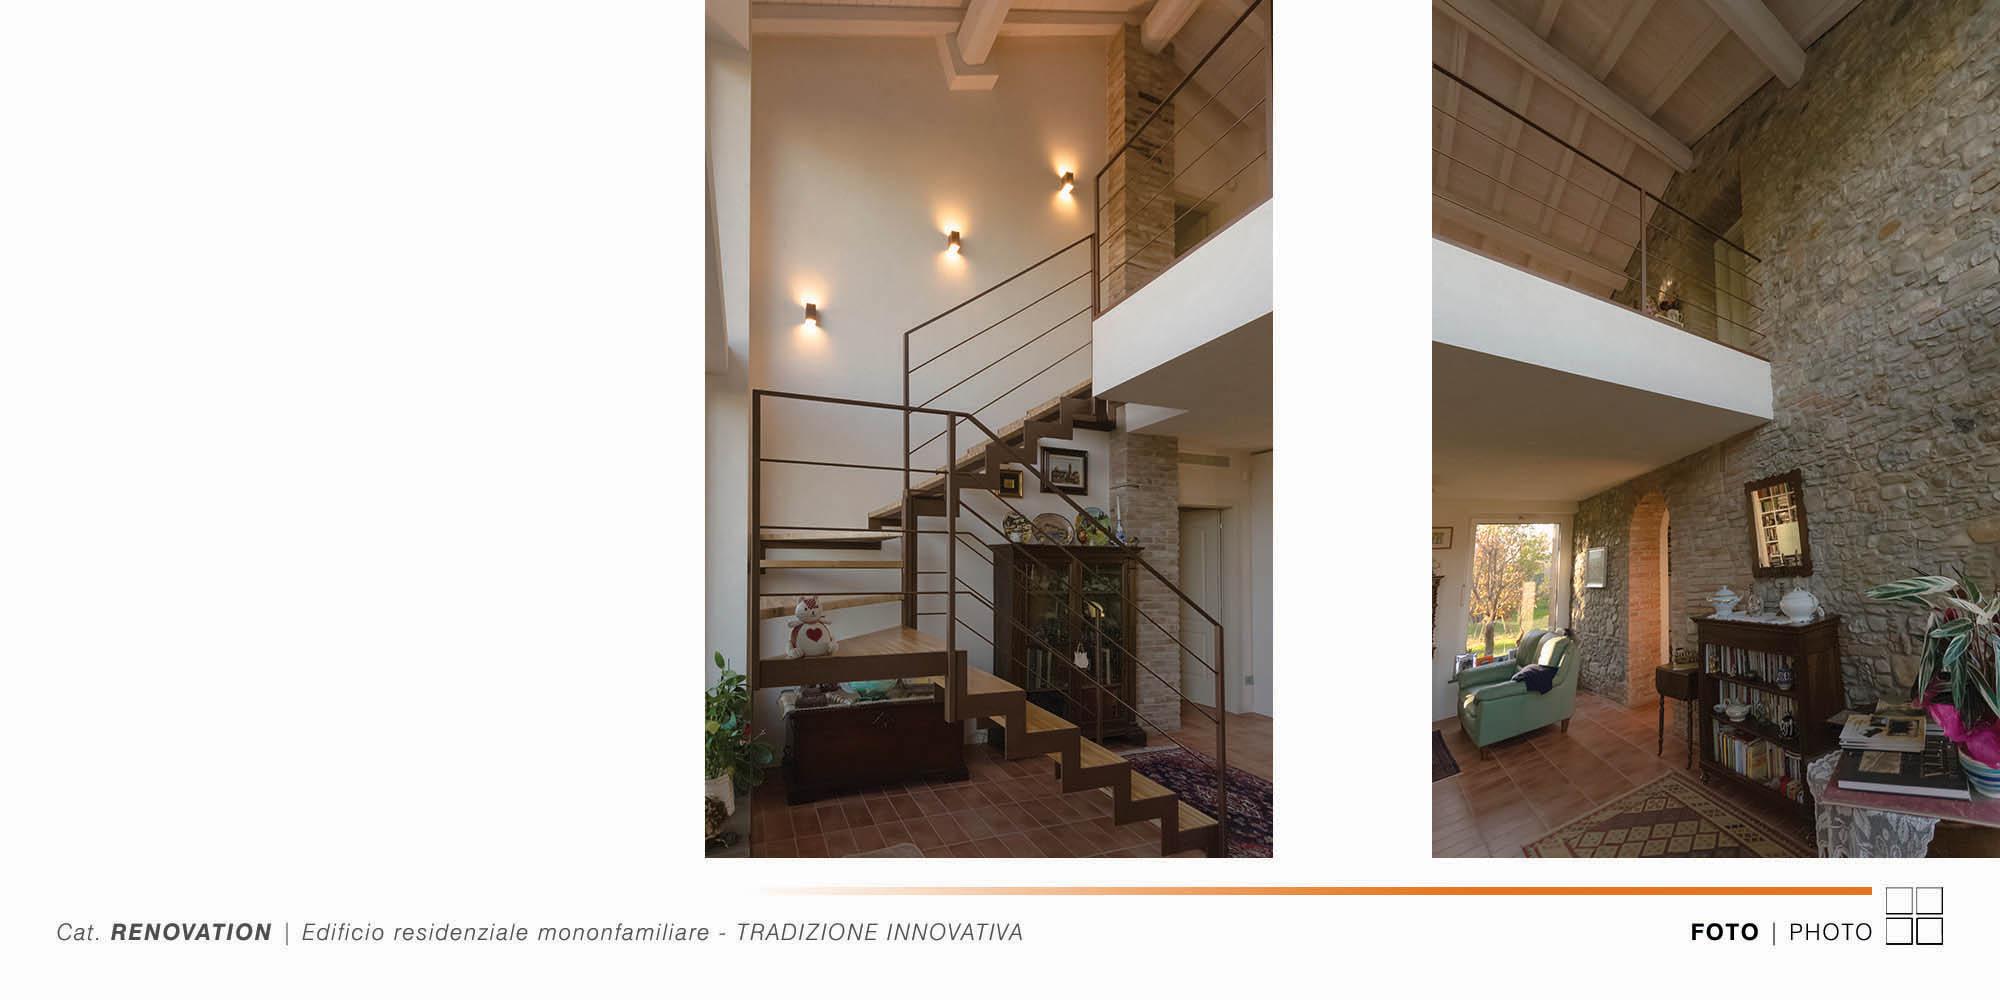 Edificio Residenziale Monofamiliare - TRADIZIONE INNOVATIVA - 009